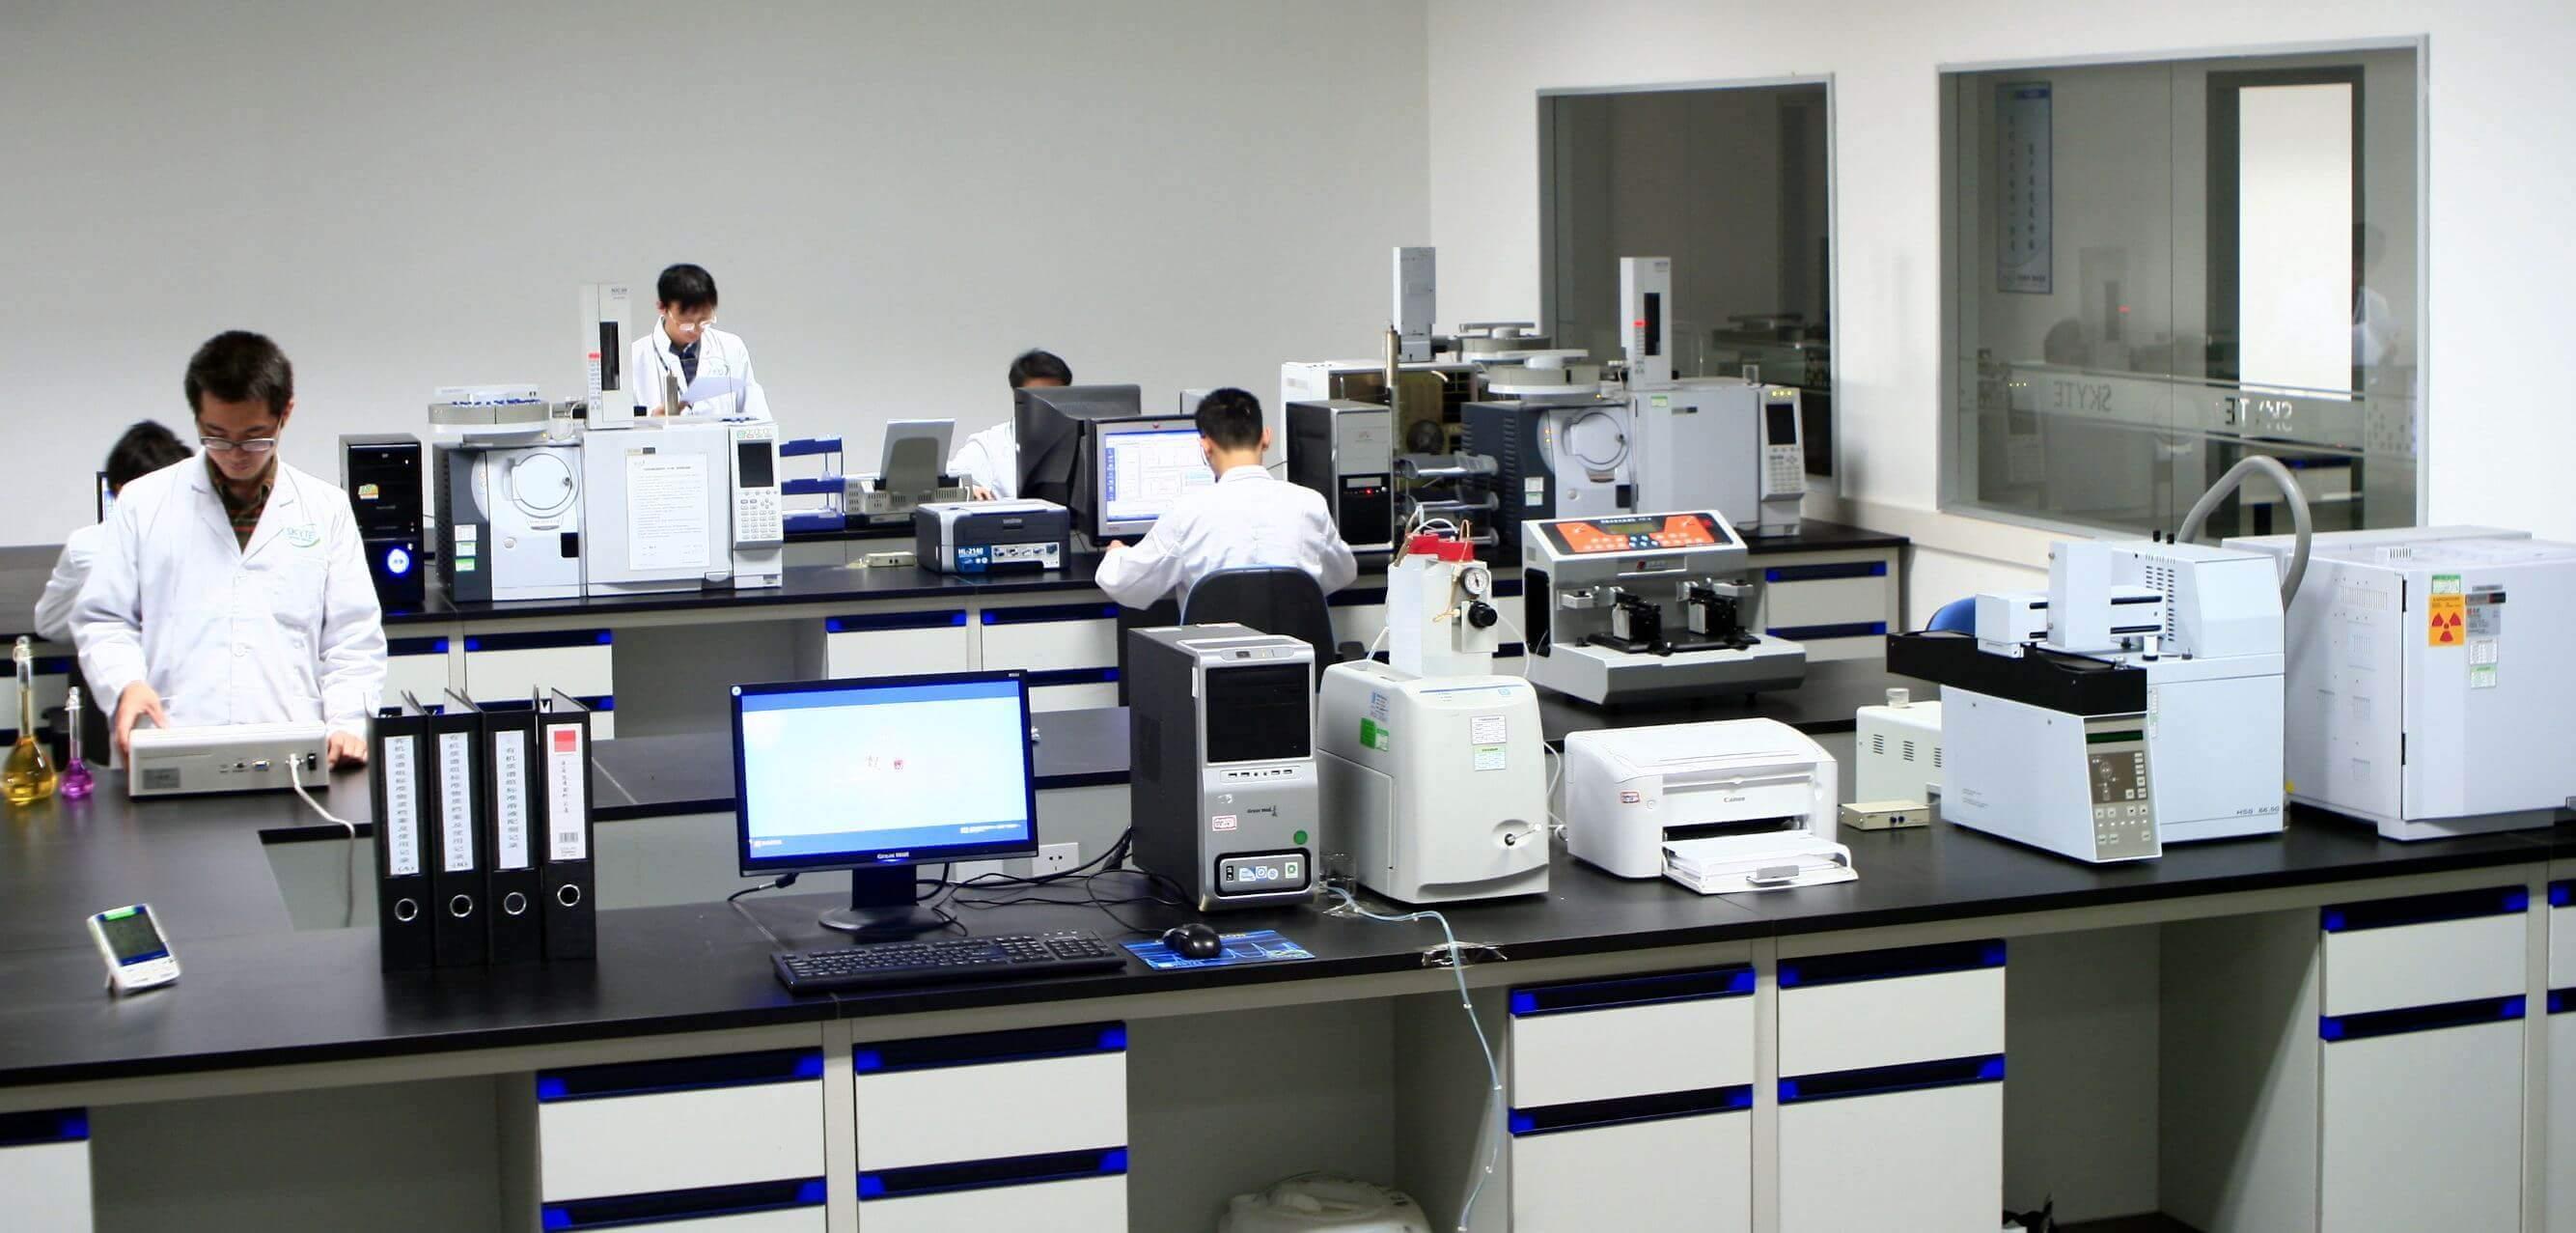 够力拉:提供AF耐指纹药水实验室的测试标准片